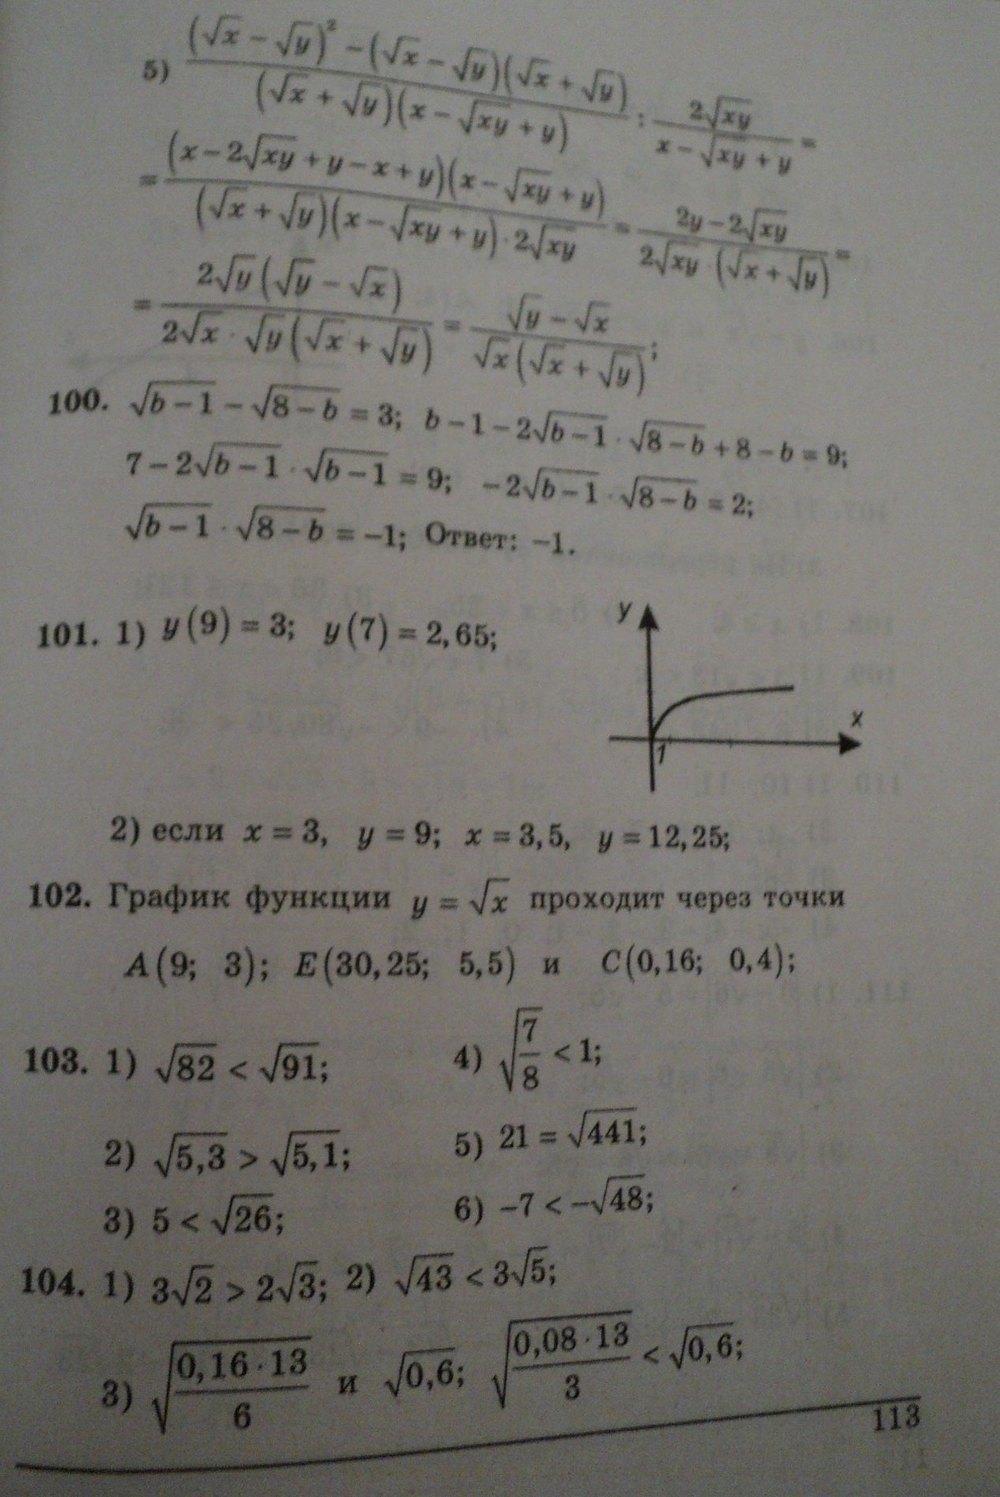 ГДЗ по алгебре 8 класс Щербань П.. Задание: стр. 113